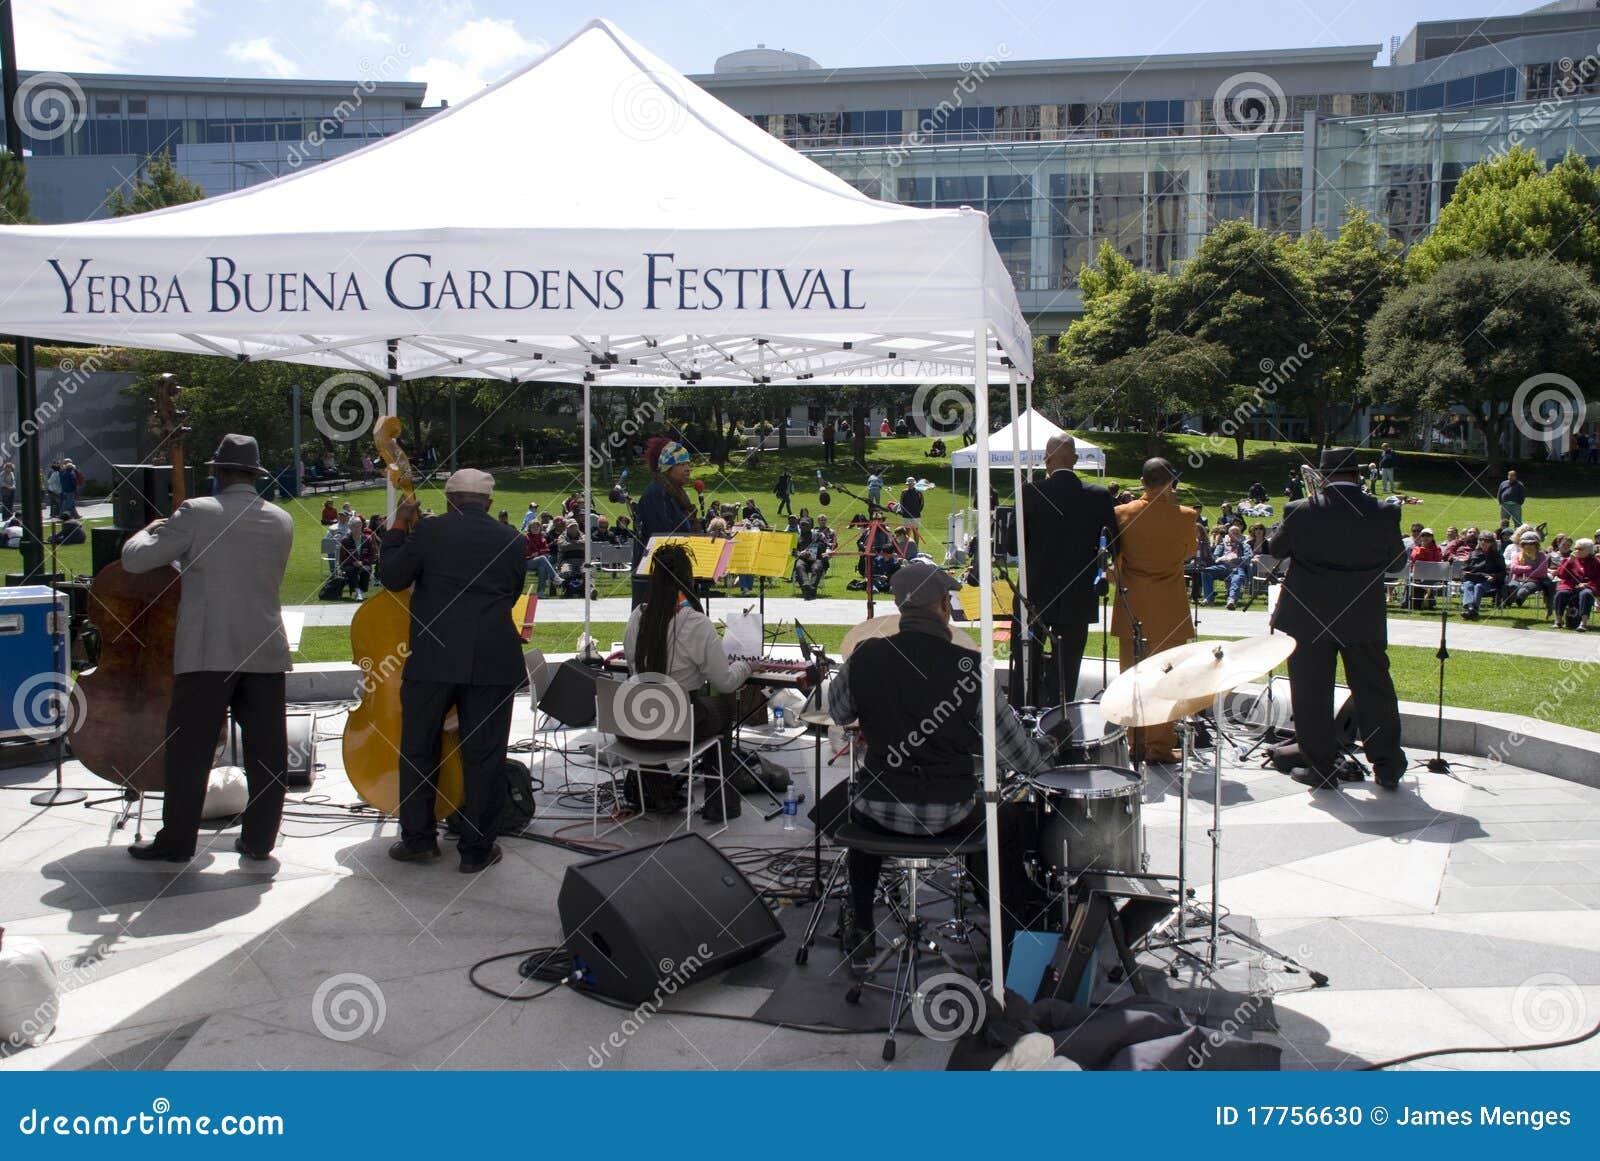 Yerba Buena Gardens Festival Editorial Image Image 17756630